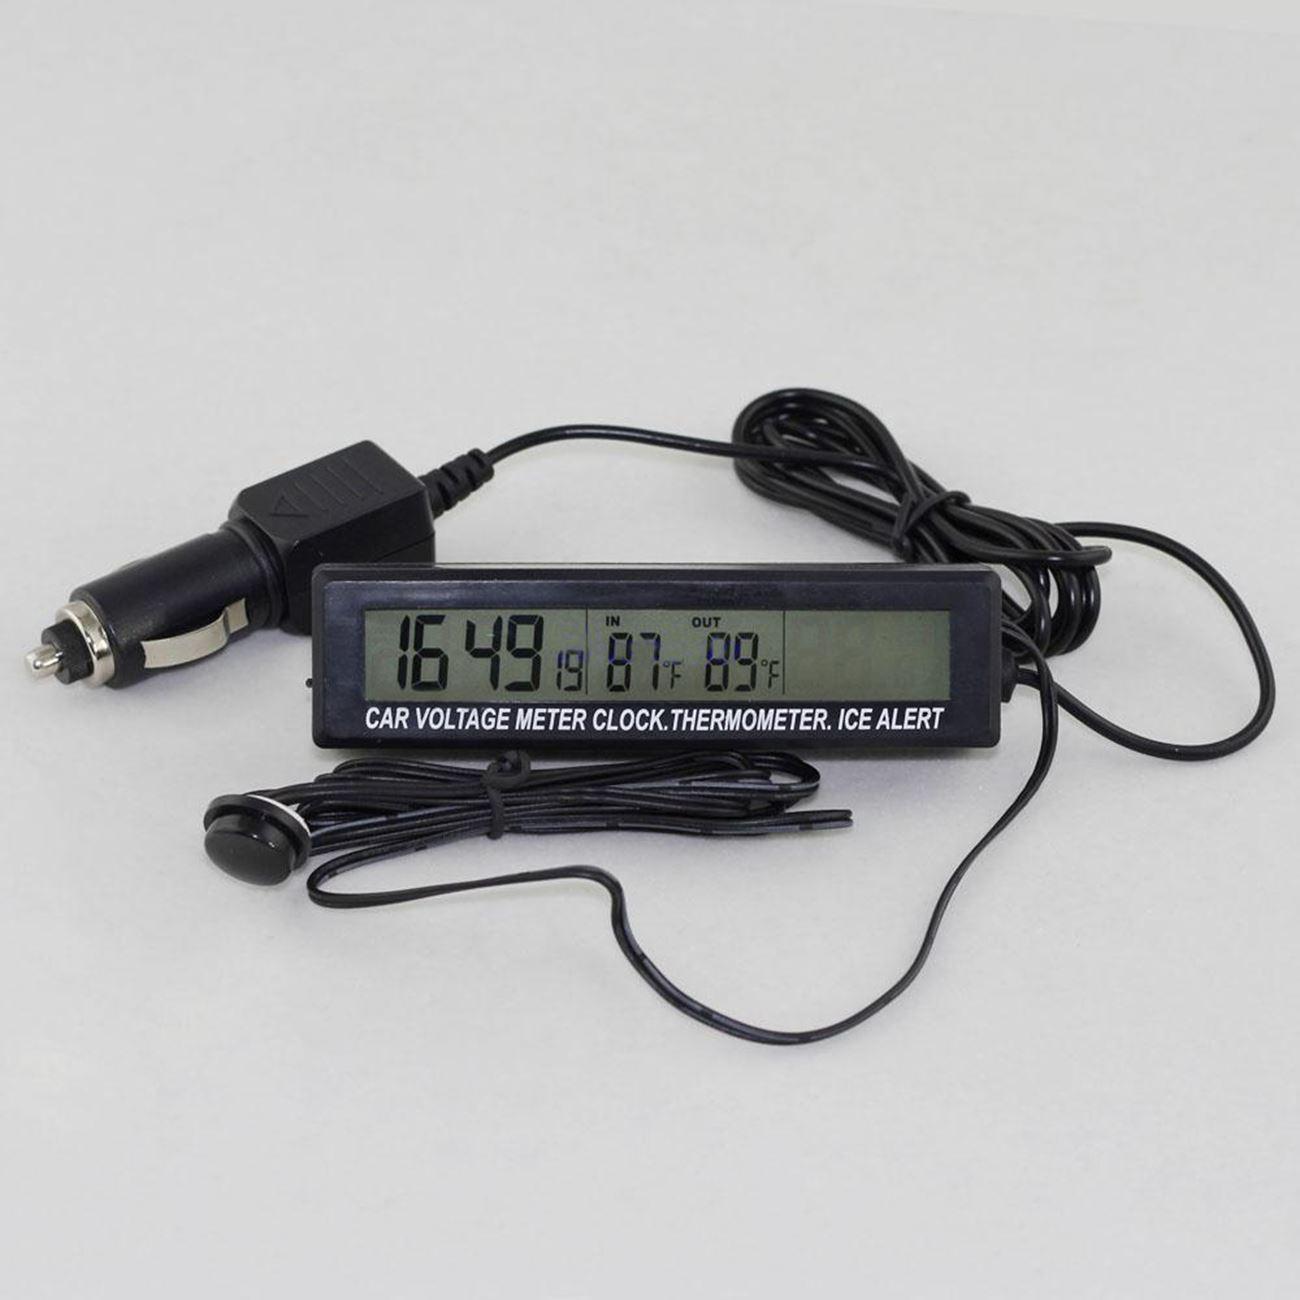 Αυτόματος βολτόμετρο Συνδέστε δωρεάν φλας ραντεβού SIM